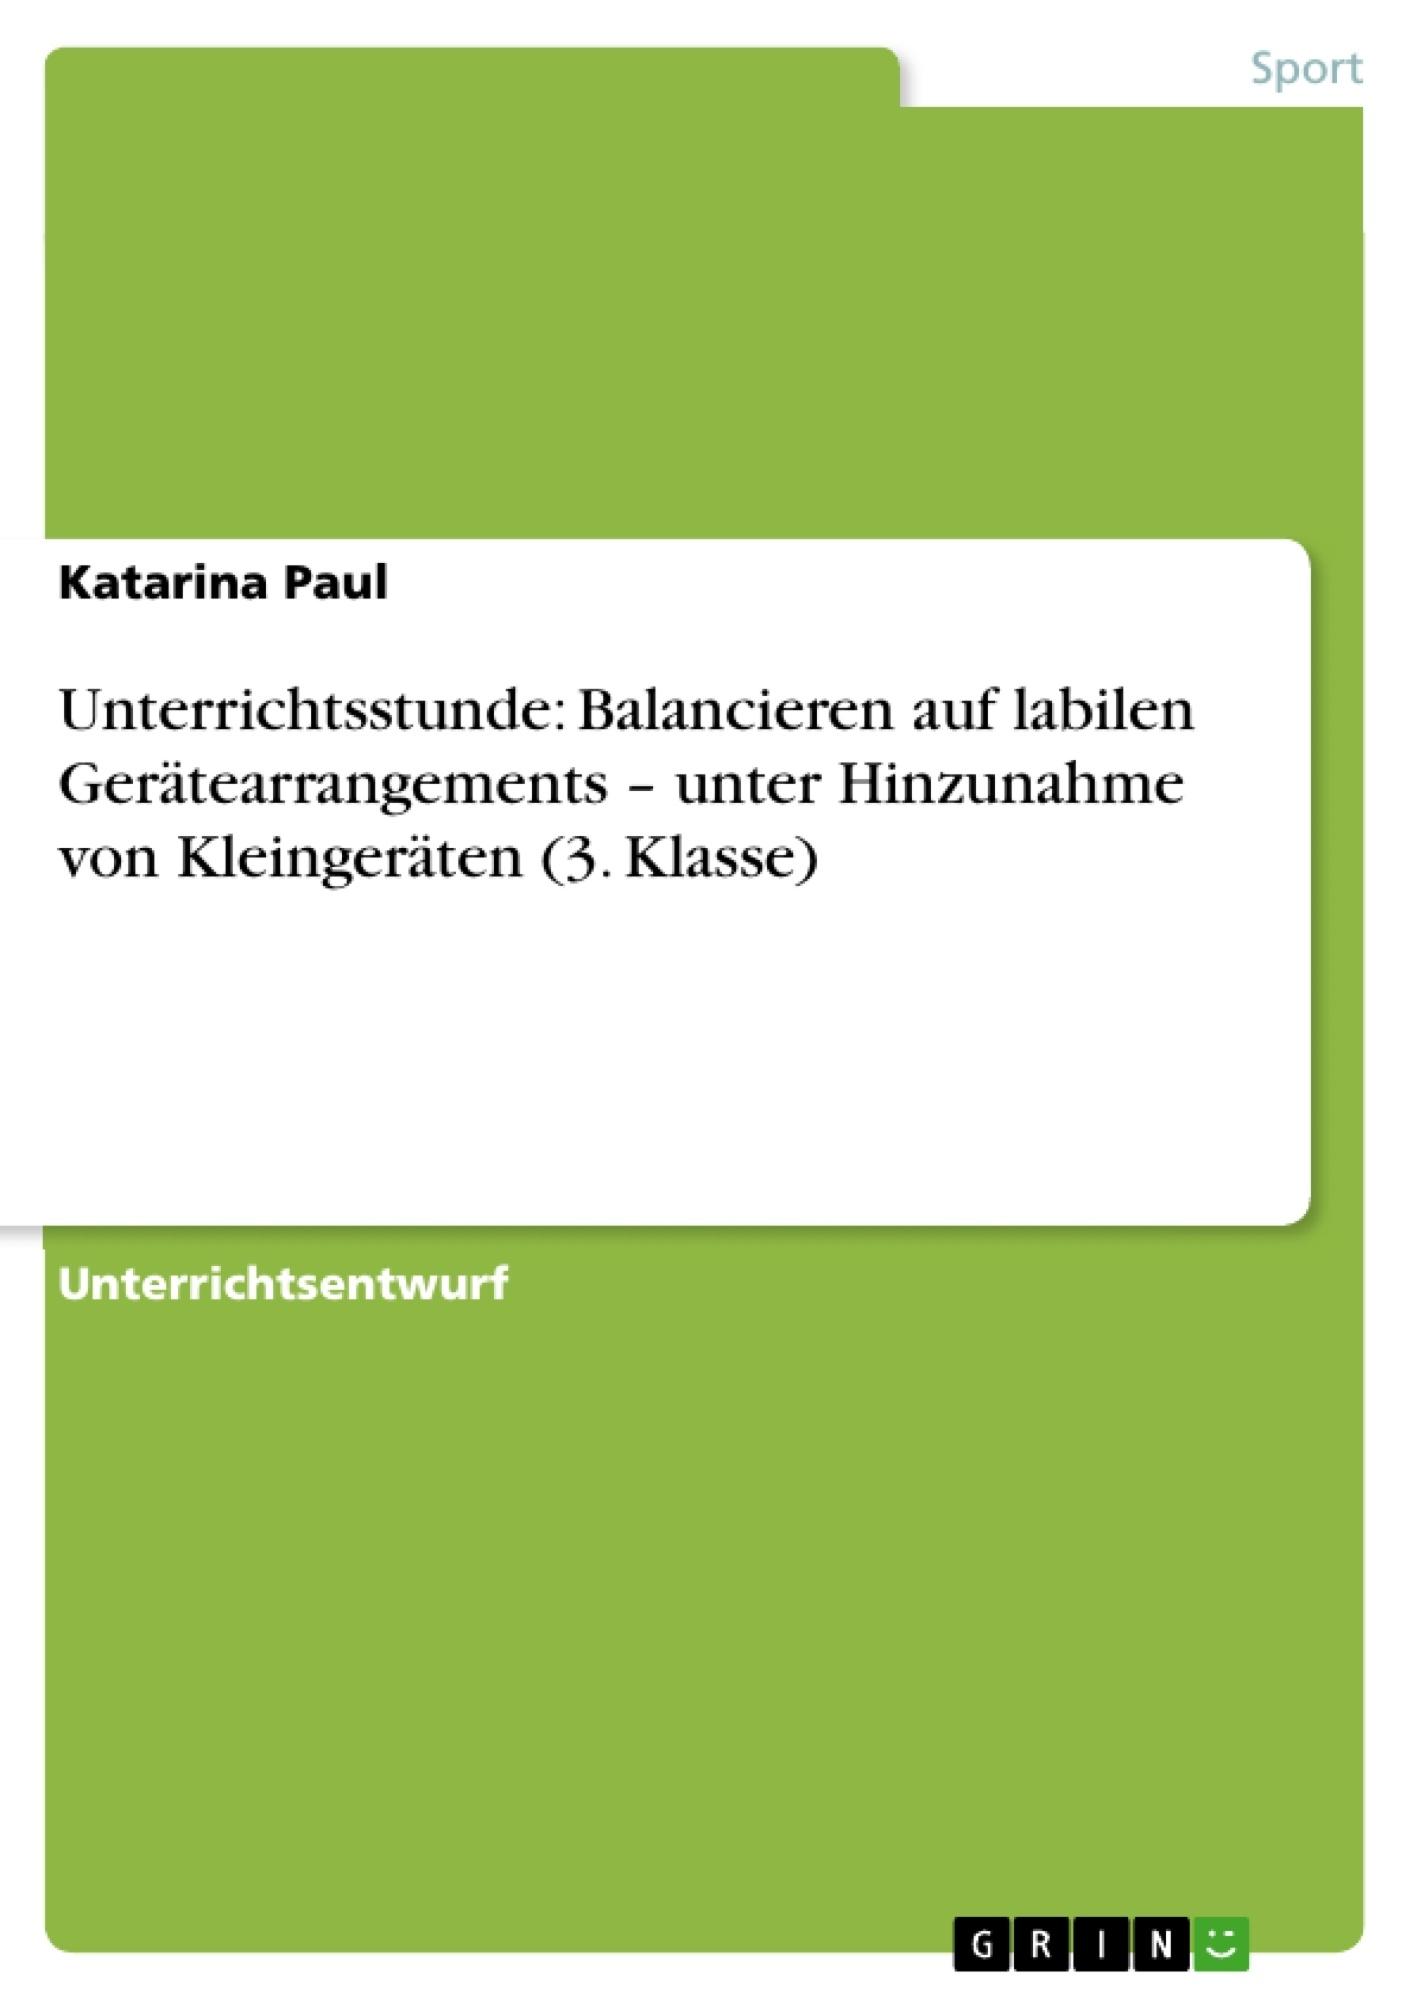 Titel: Unterrichtsstunde: Balancieren auf labilen Gerätearrangements – unter  Hinzunahme von Kleingeräten (3. Klasse)